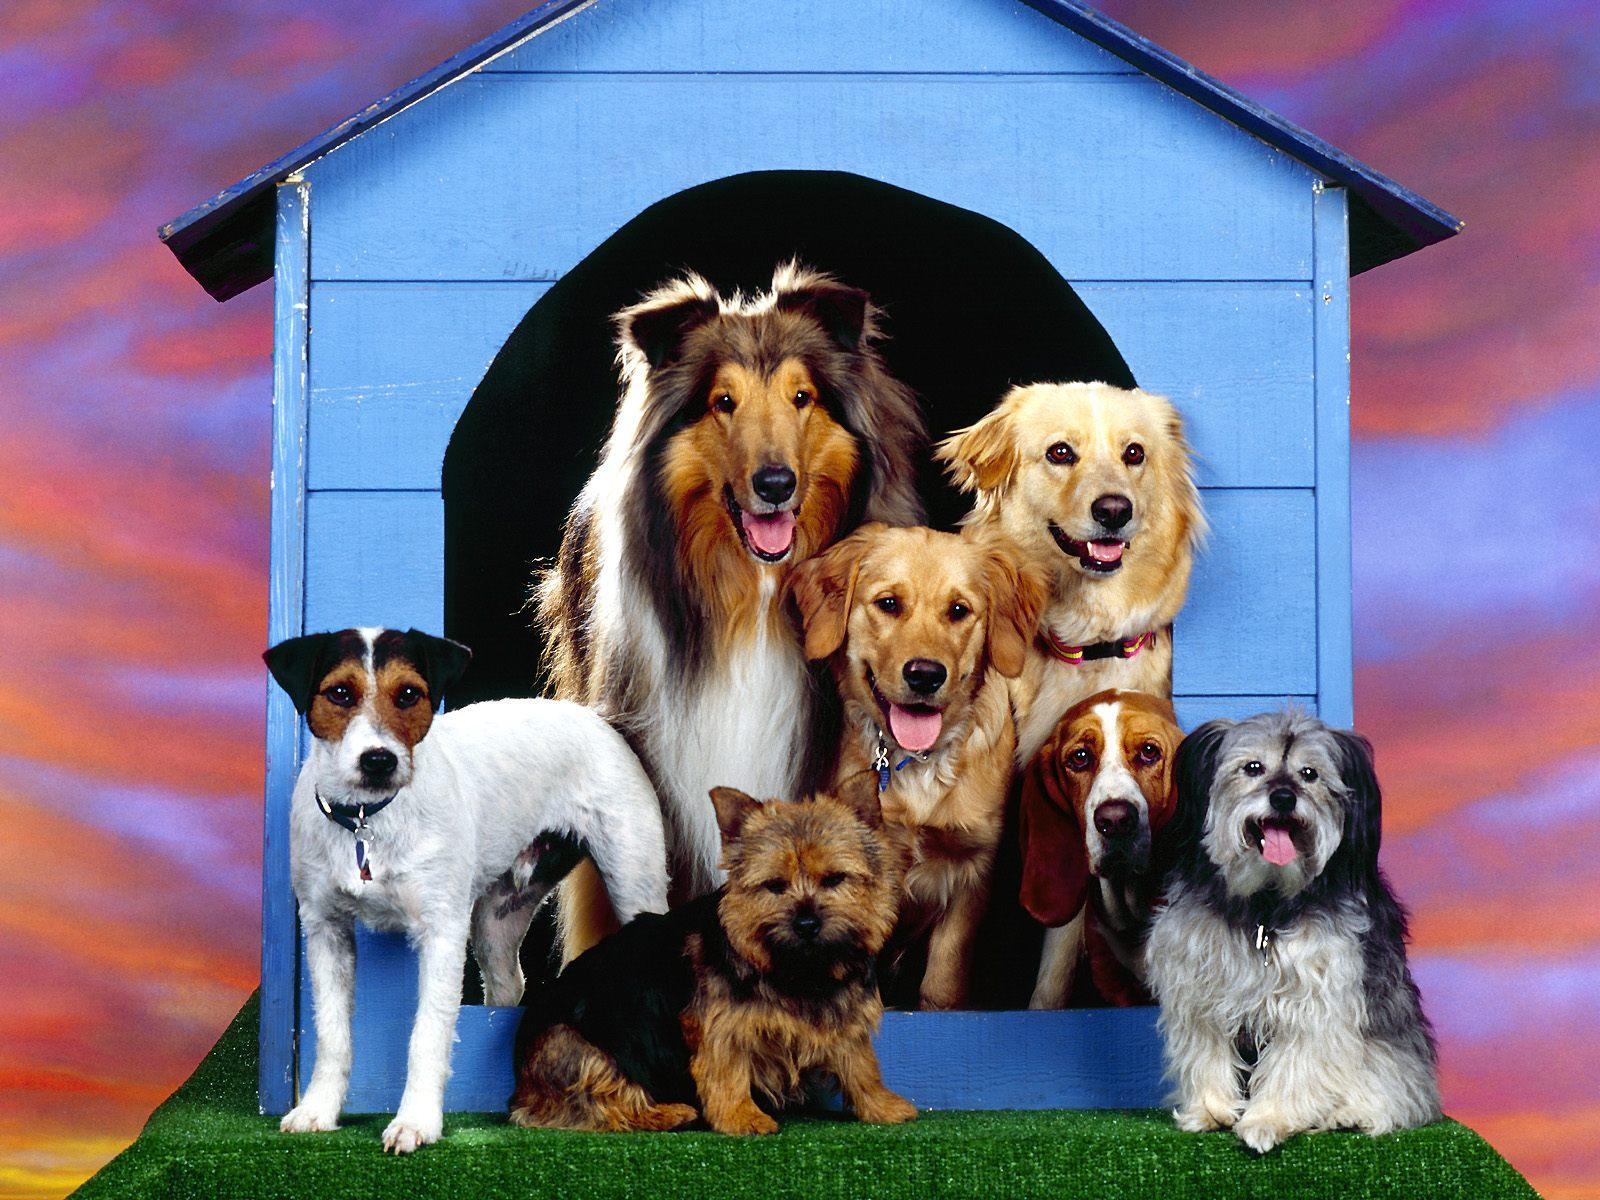 http://4.bp.blogspot.com/_RAlP3BmEW1Q/TQOQ85KNYvI/AAAAAAAABjw/Ucm6Y6_clR0/s1600/Honden-achtergronden-honden-wallpapers-13.jpg